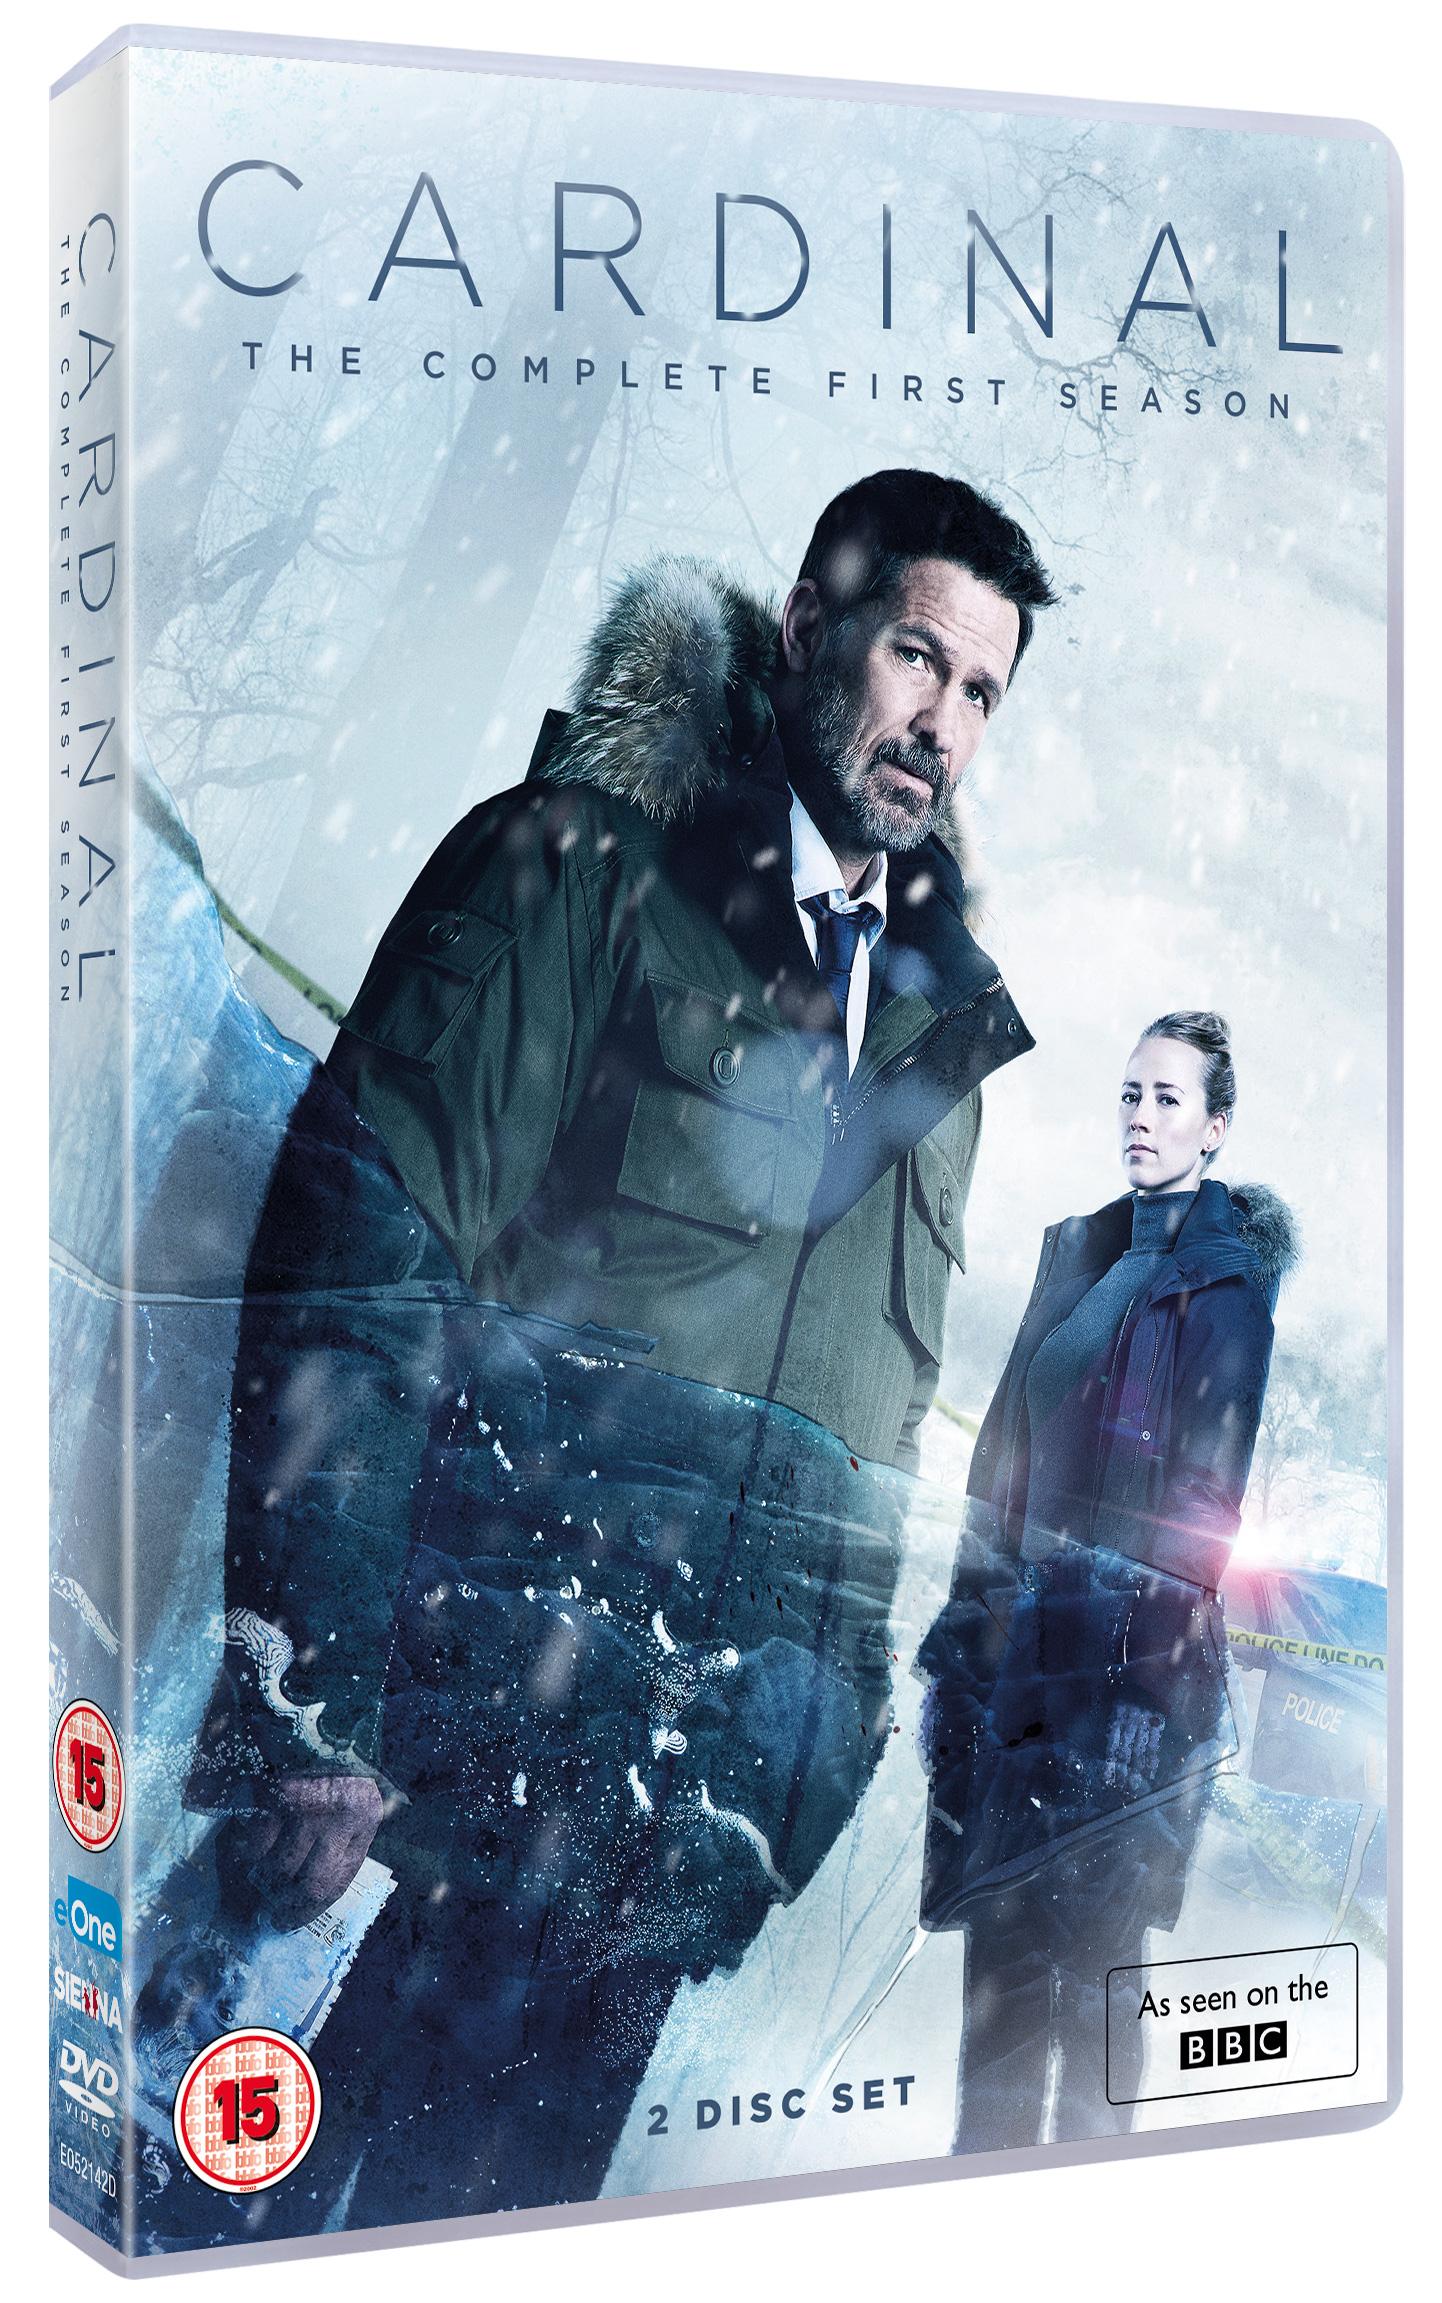 Cardinal First Season set for UK DVD Debut